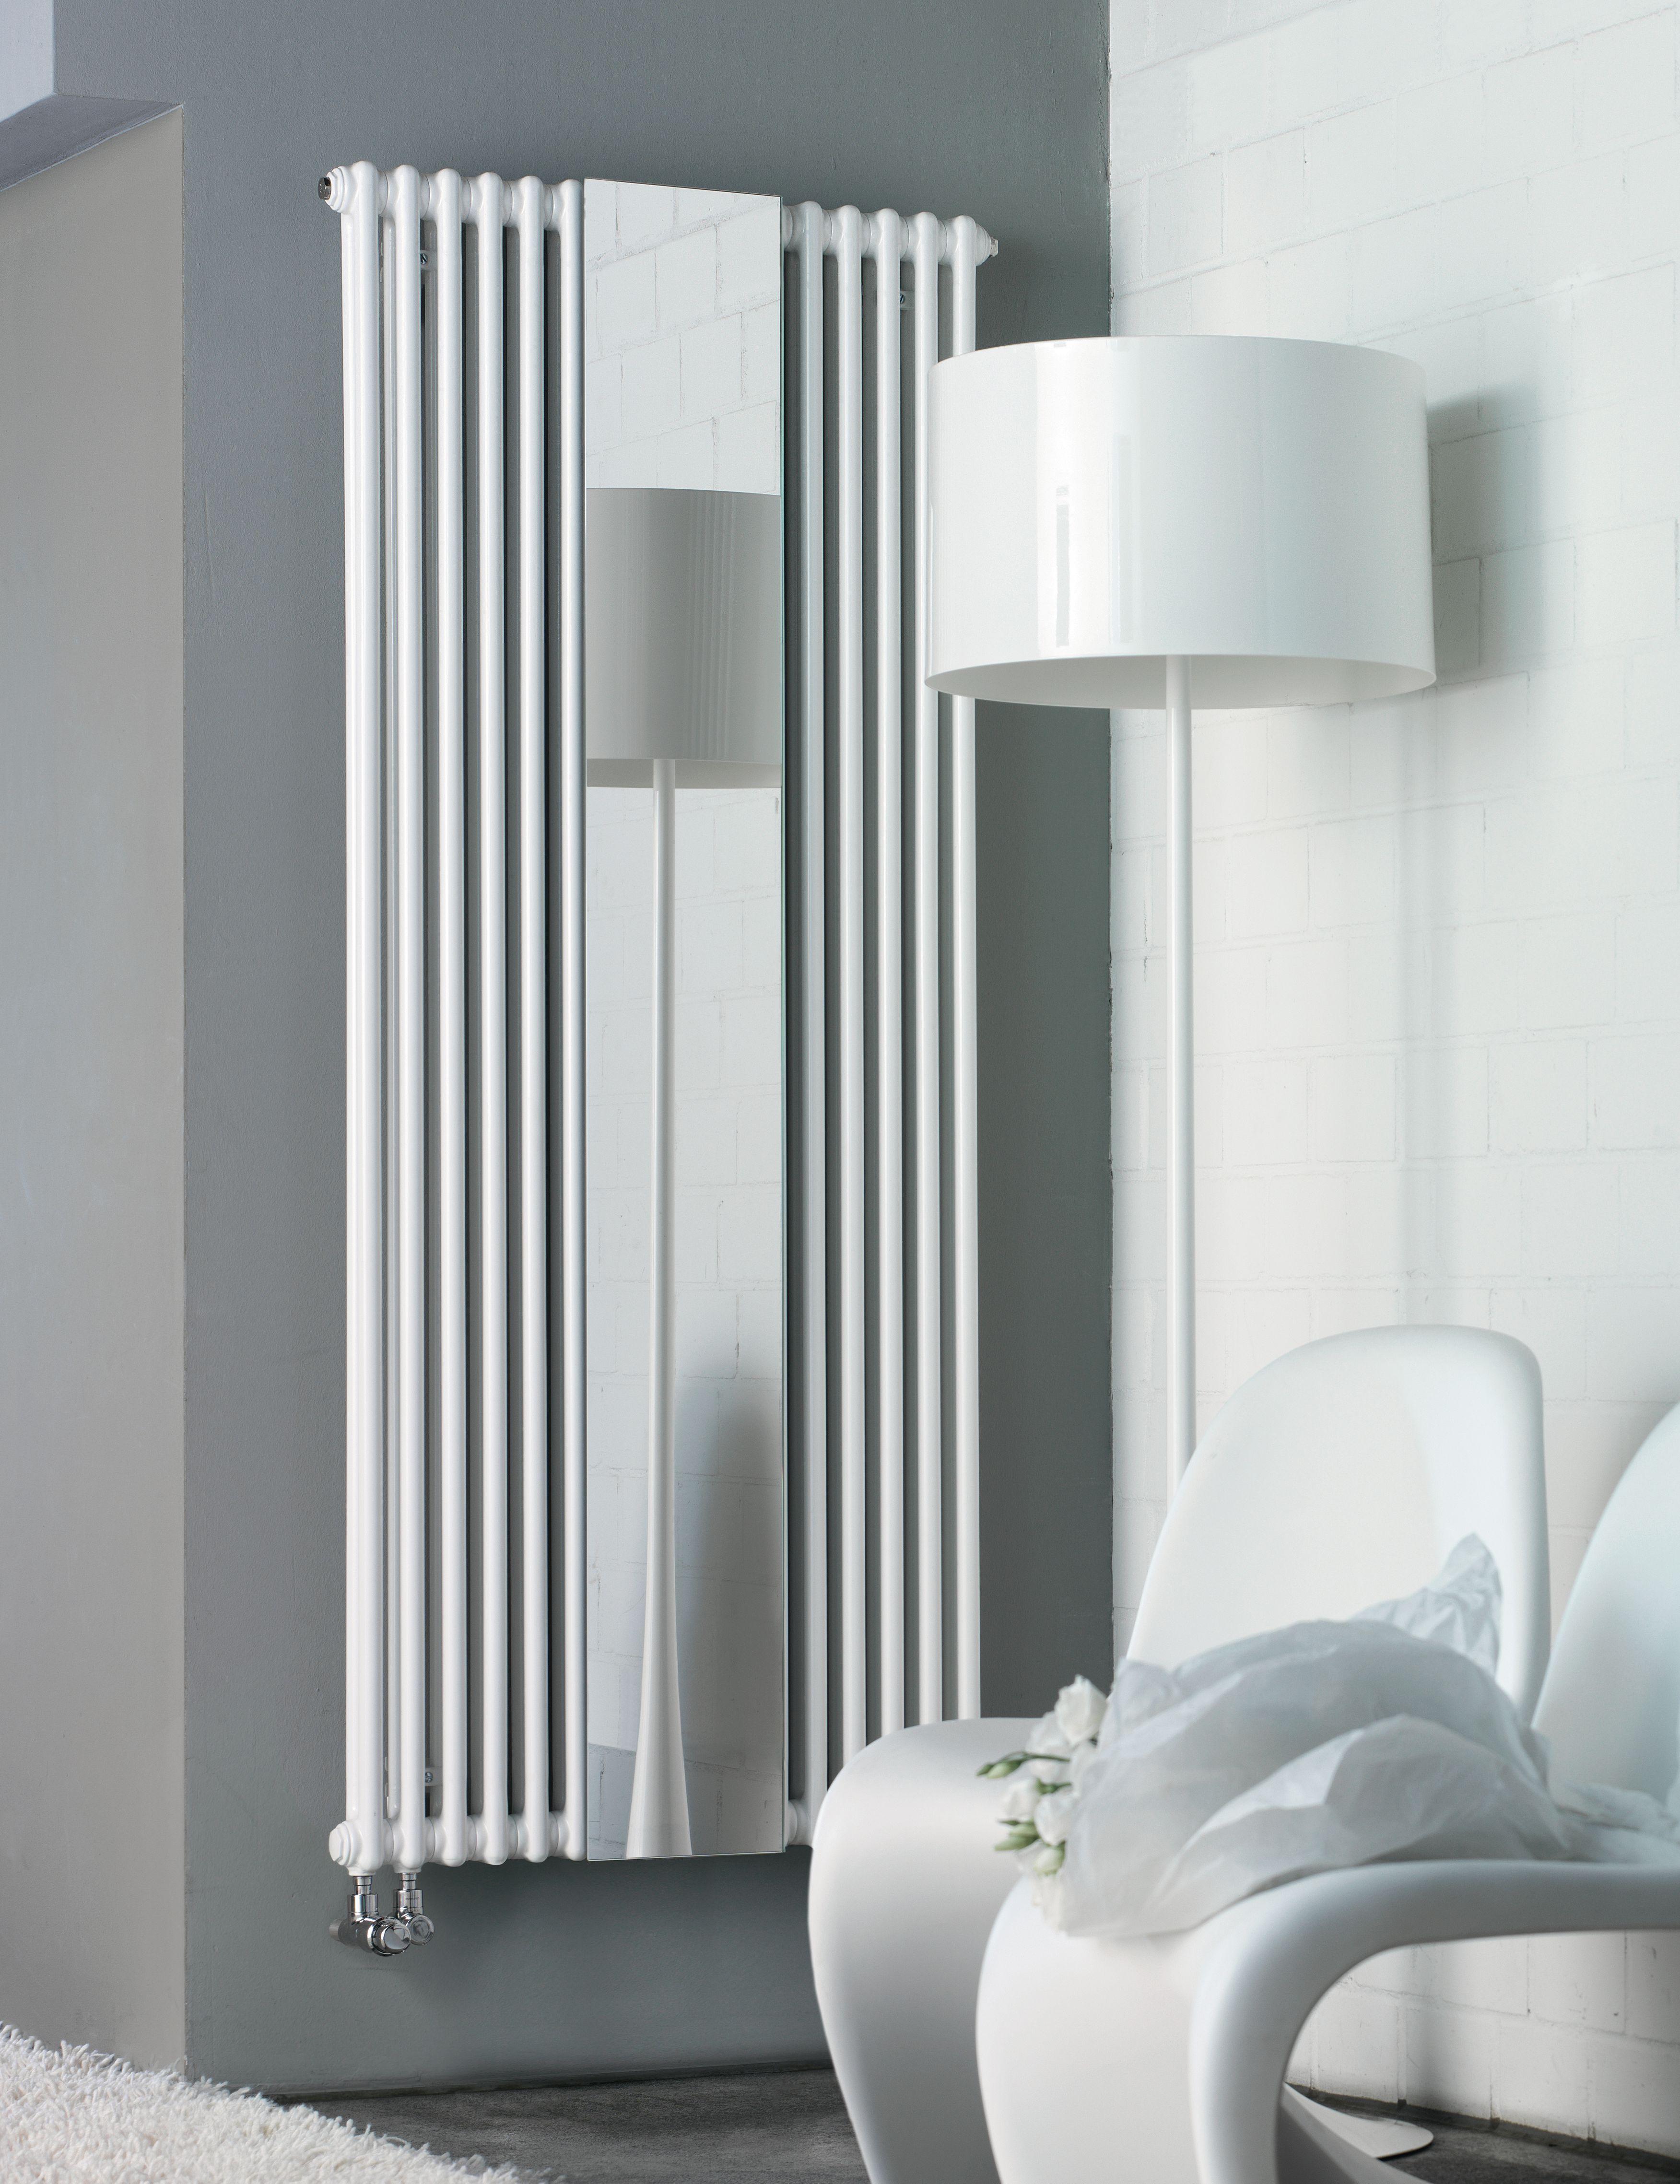 produktkatalog der individuellen design-heizkörper | zehnder - Design Heizkorper Wohnzimmer